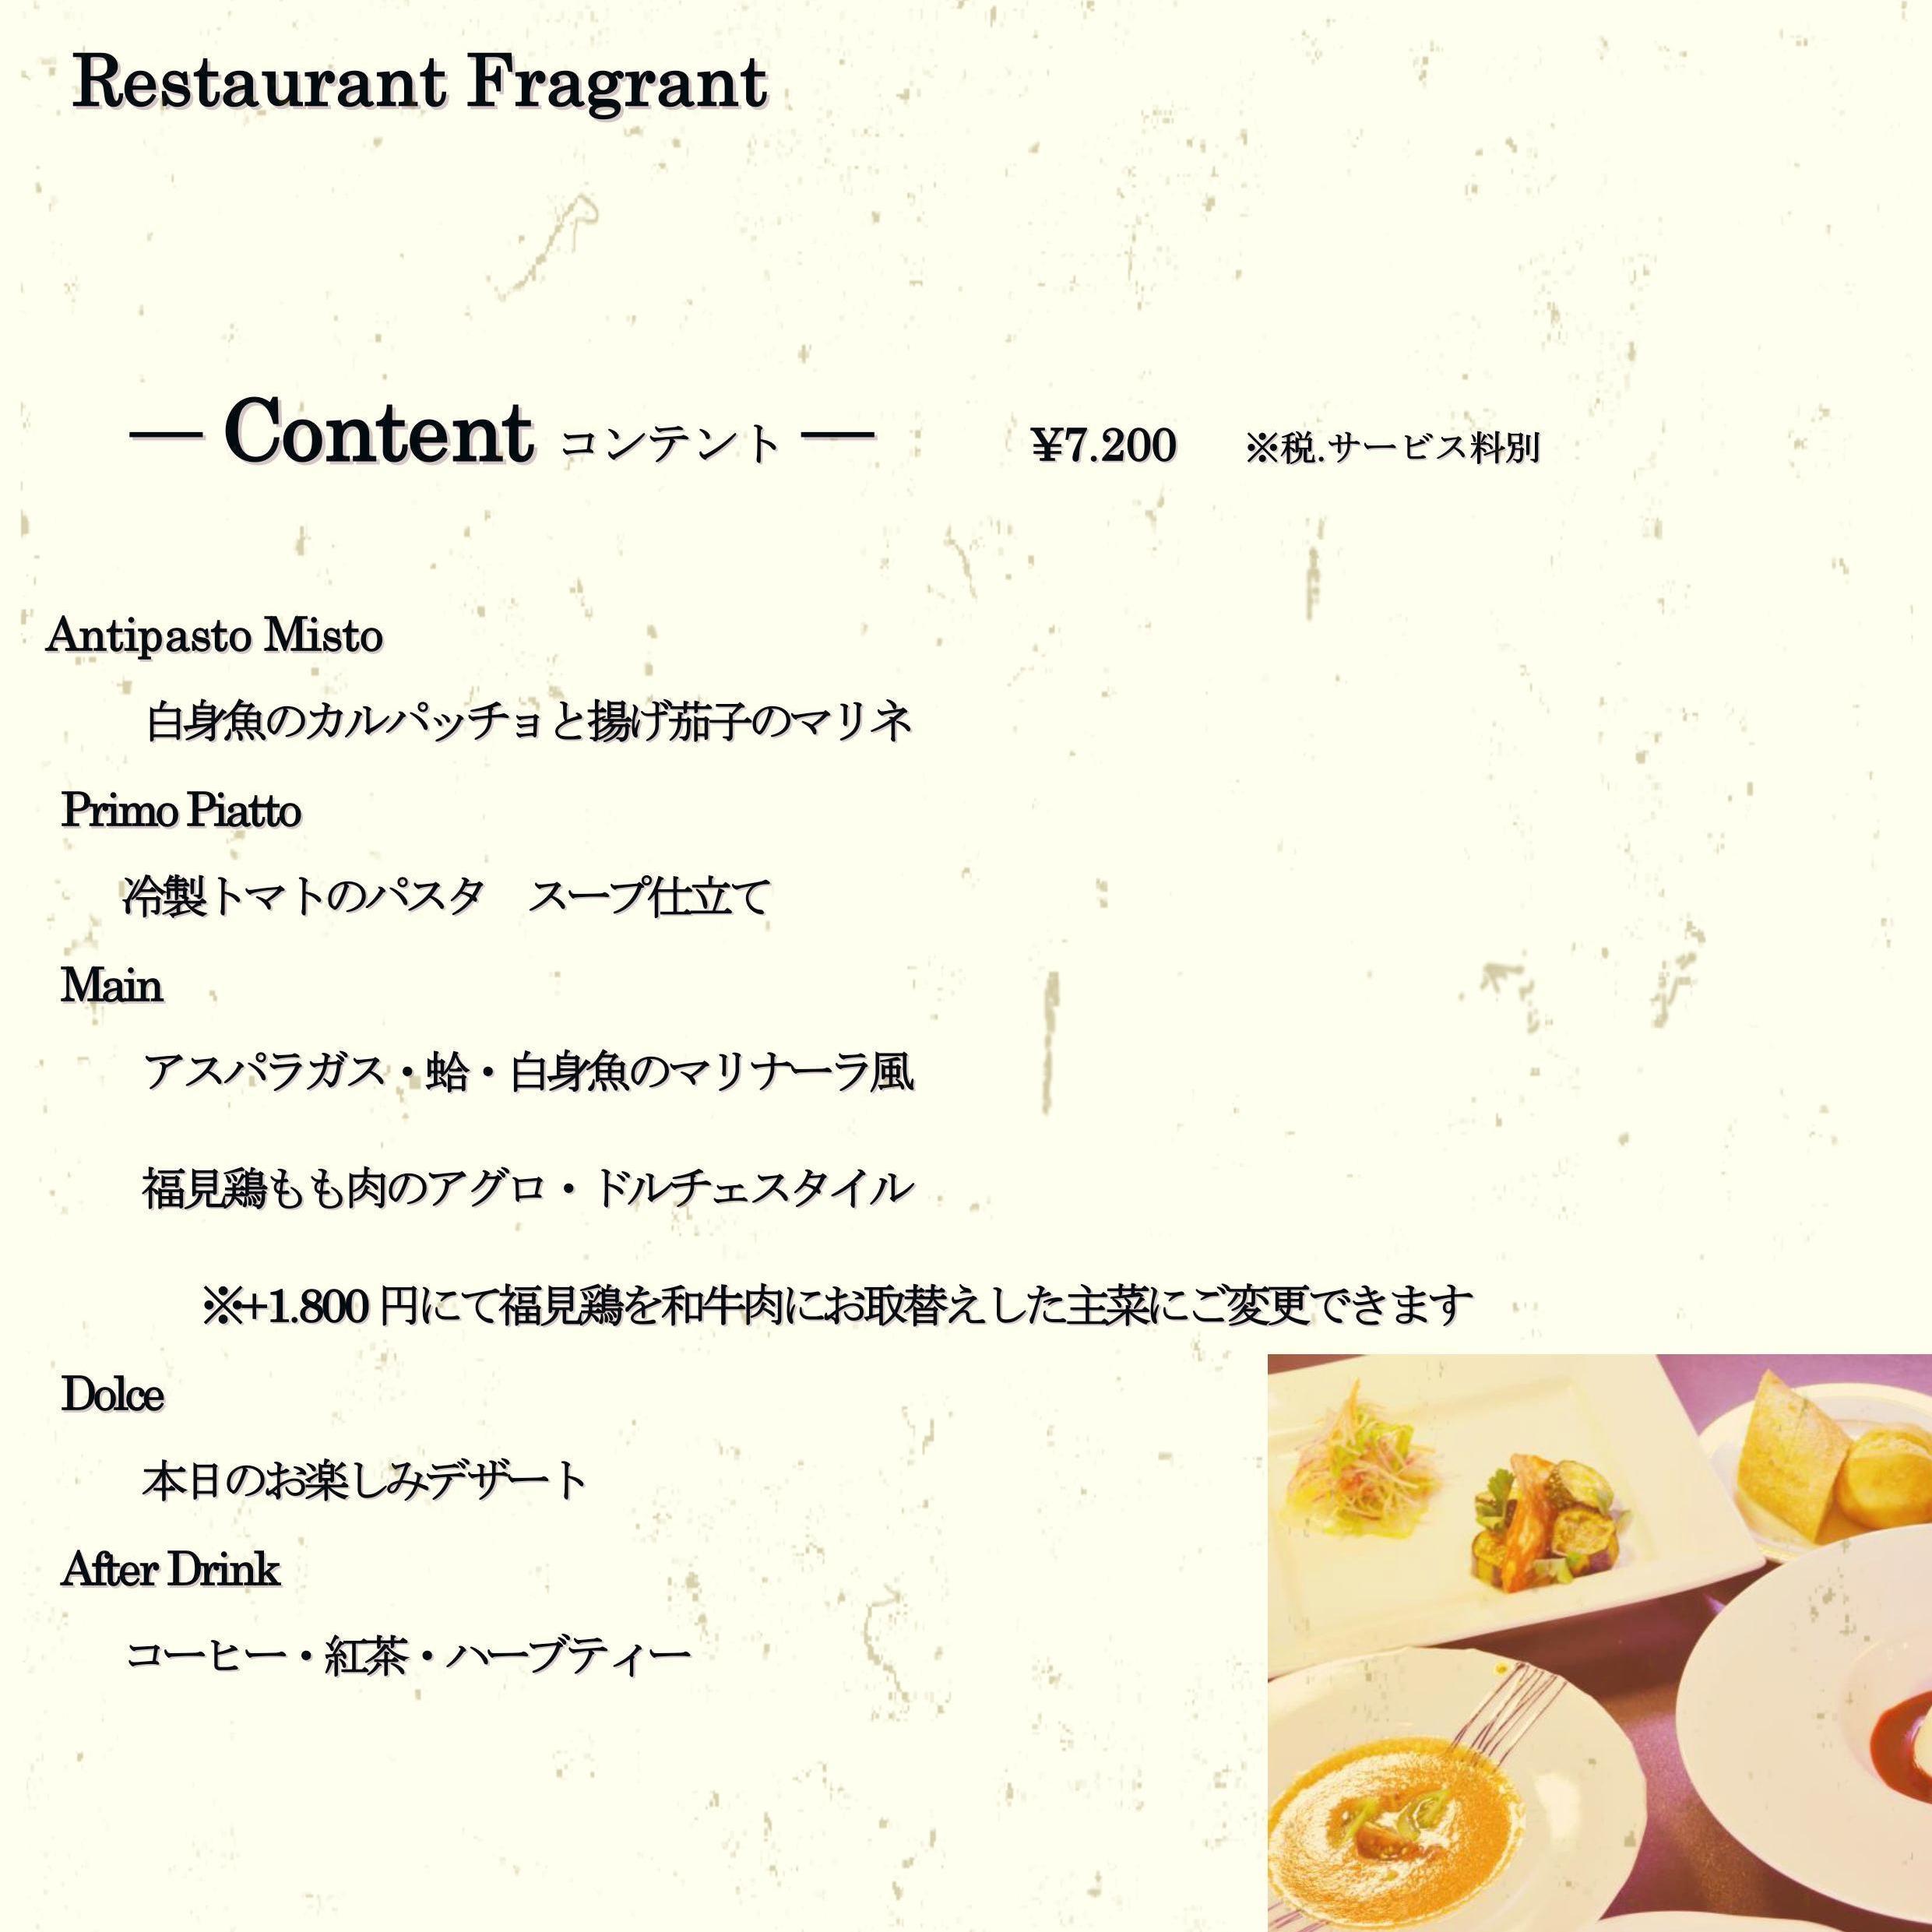 ■ グランドレストラン 【フレグラント】 4月よりリニュアール ■